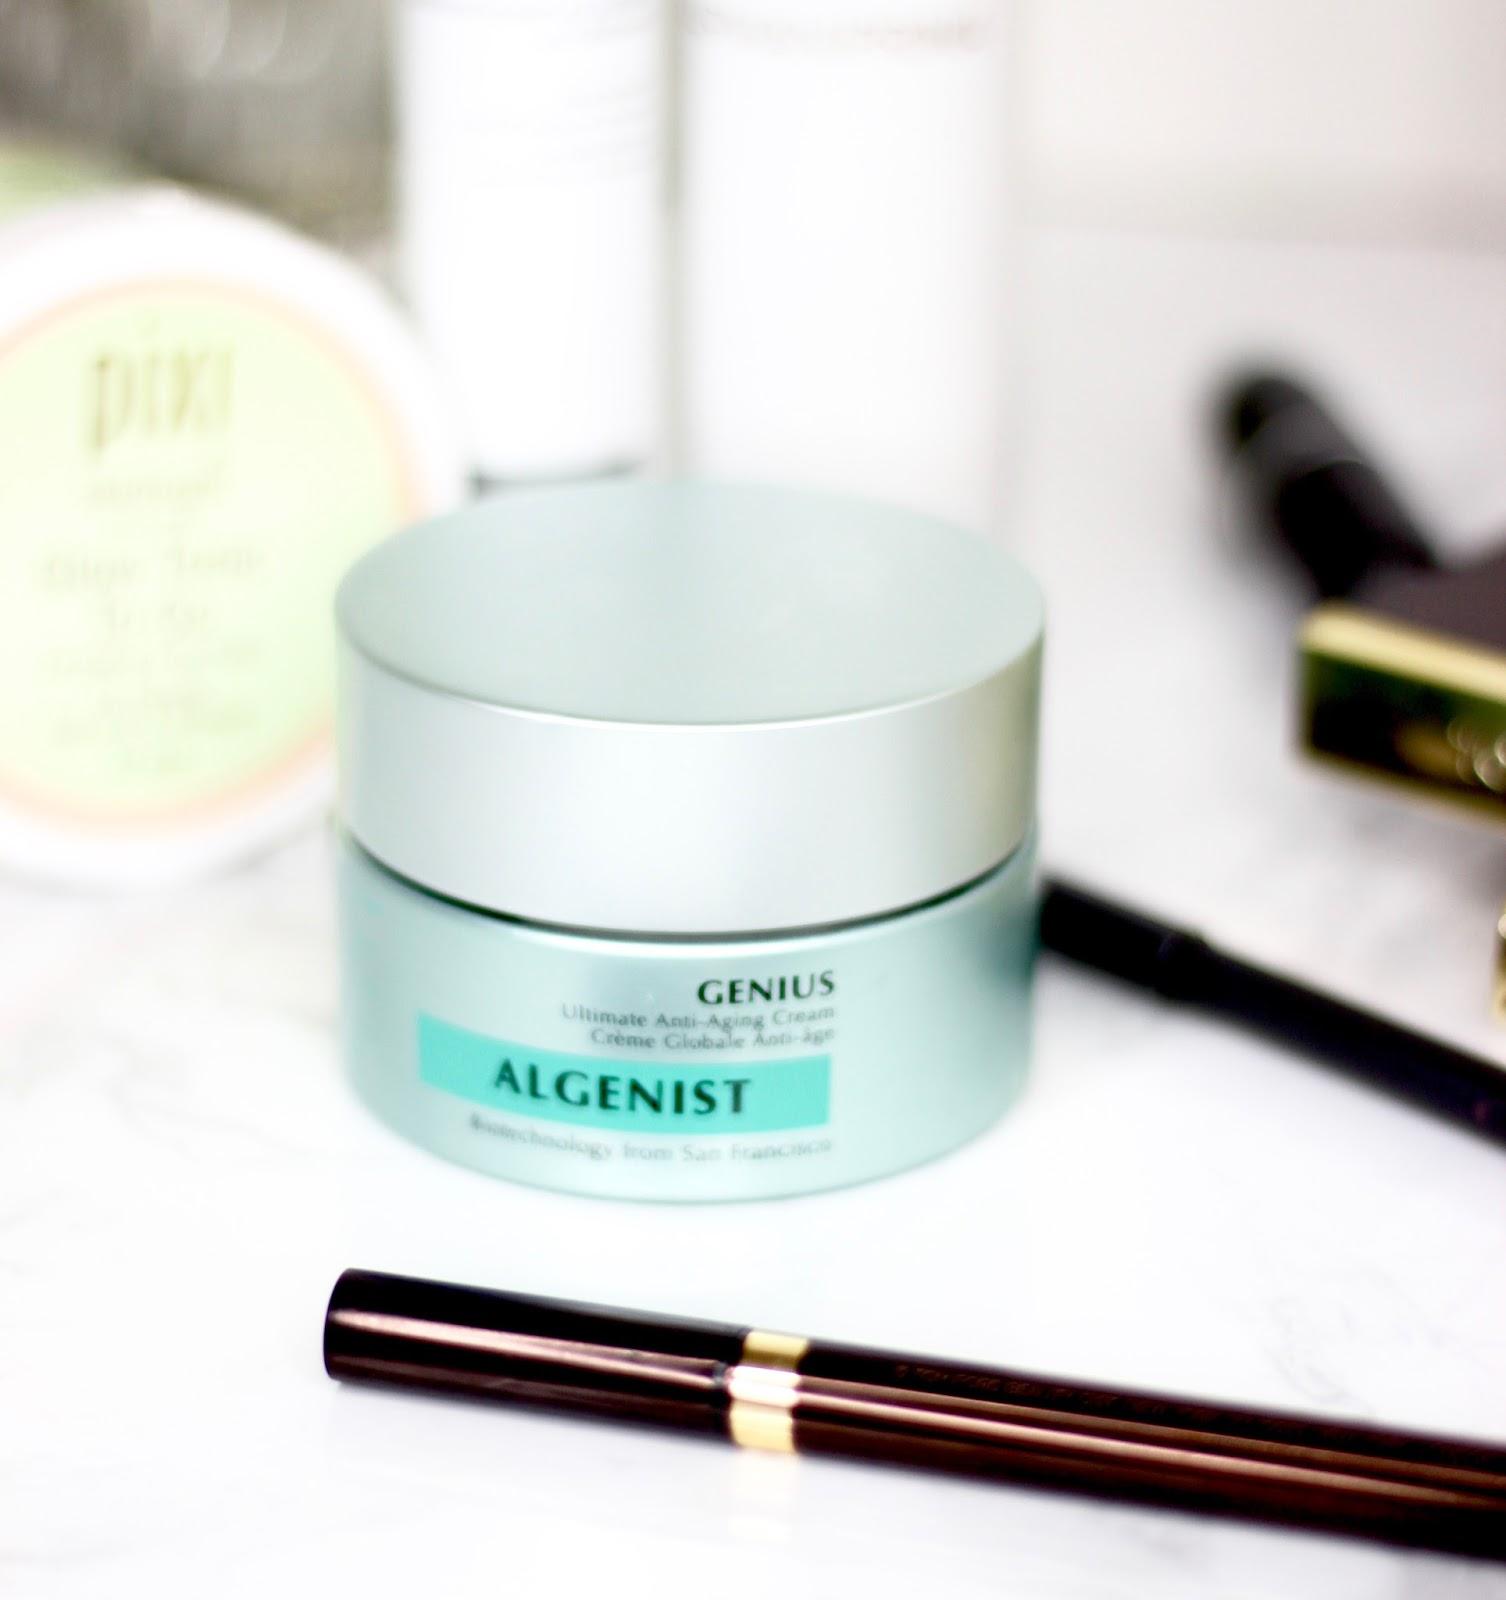 Algenist Anti aging cream